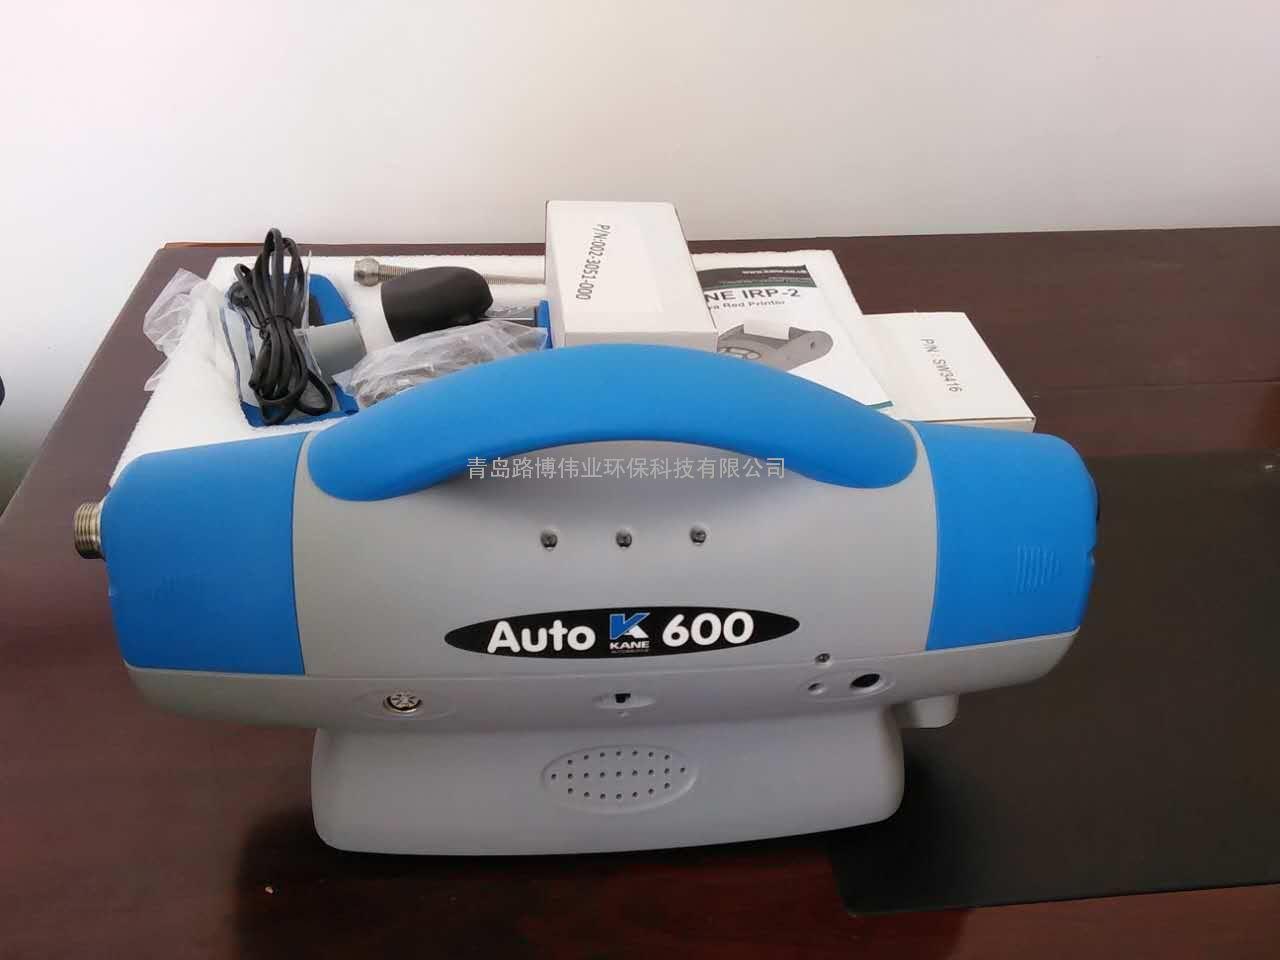 英国进口凯恩汽车尾气排放检测仪AUTO-600